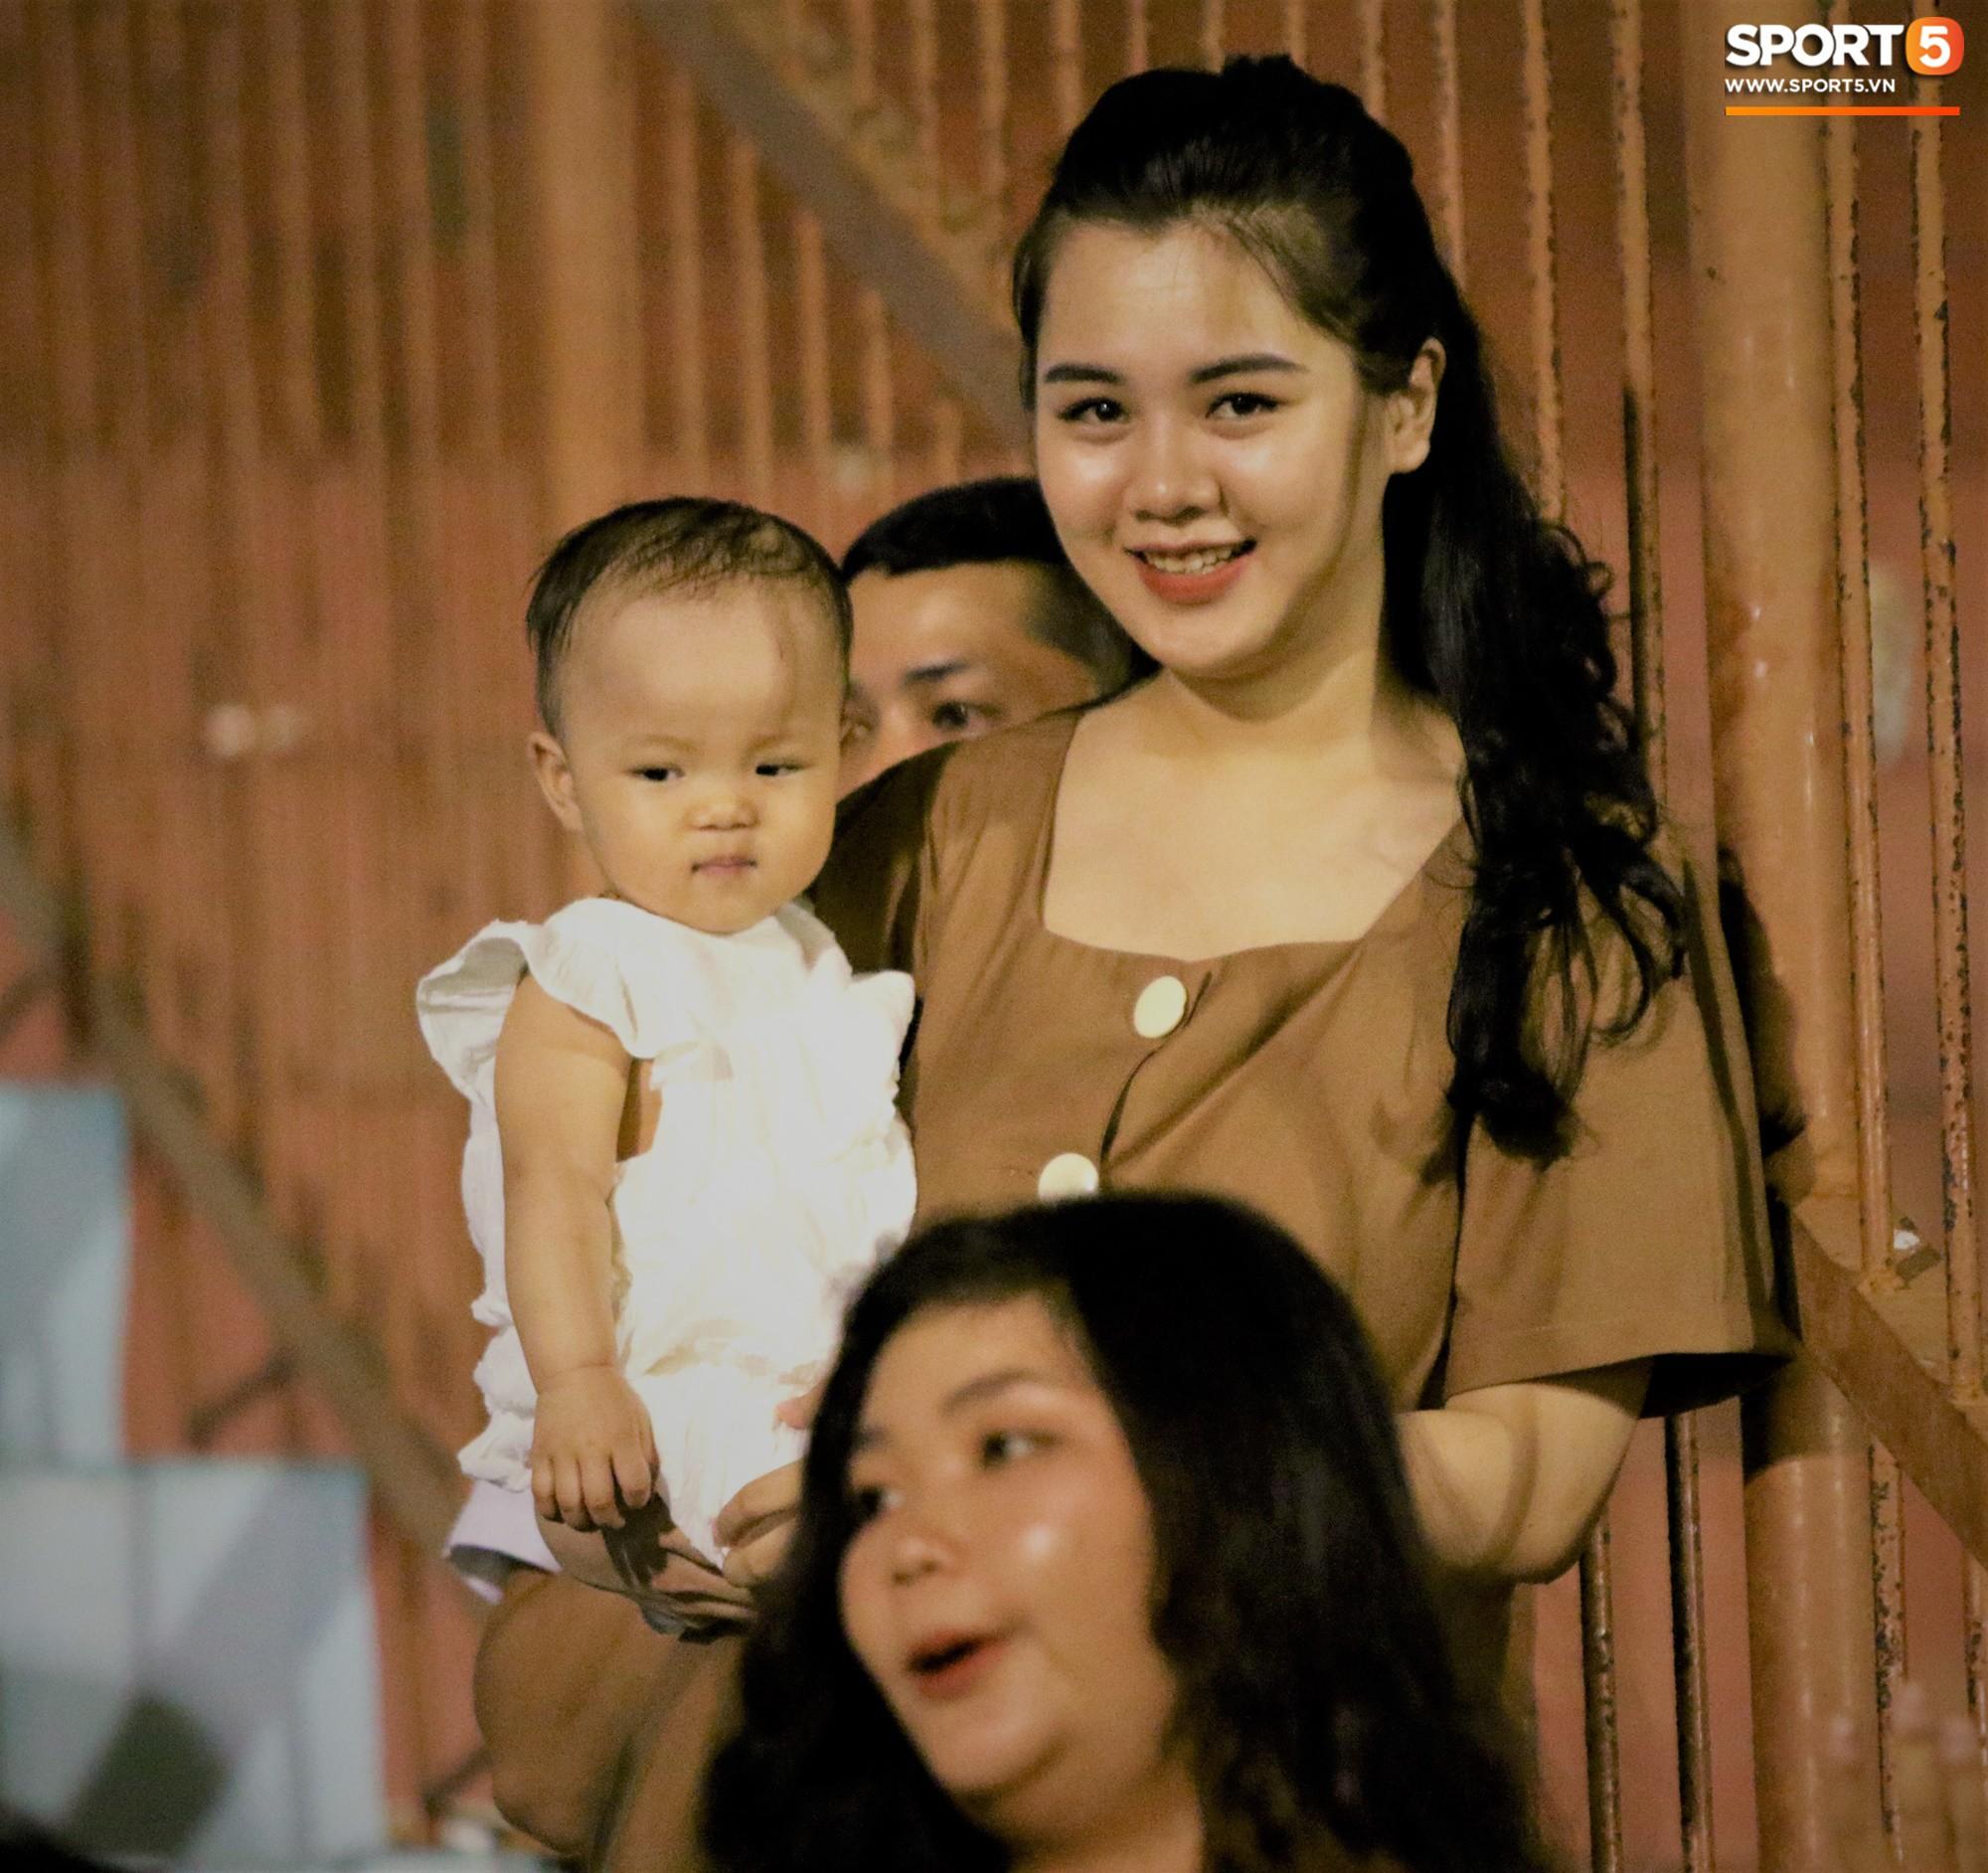 Hạnh phúc như Hải Quế: Ngày của bố được đón con gái xuống sân ăn mừng chiến thắng trước Khánh Hòa - Ảnh 2.